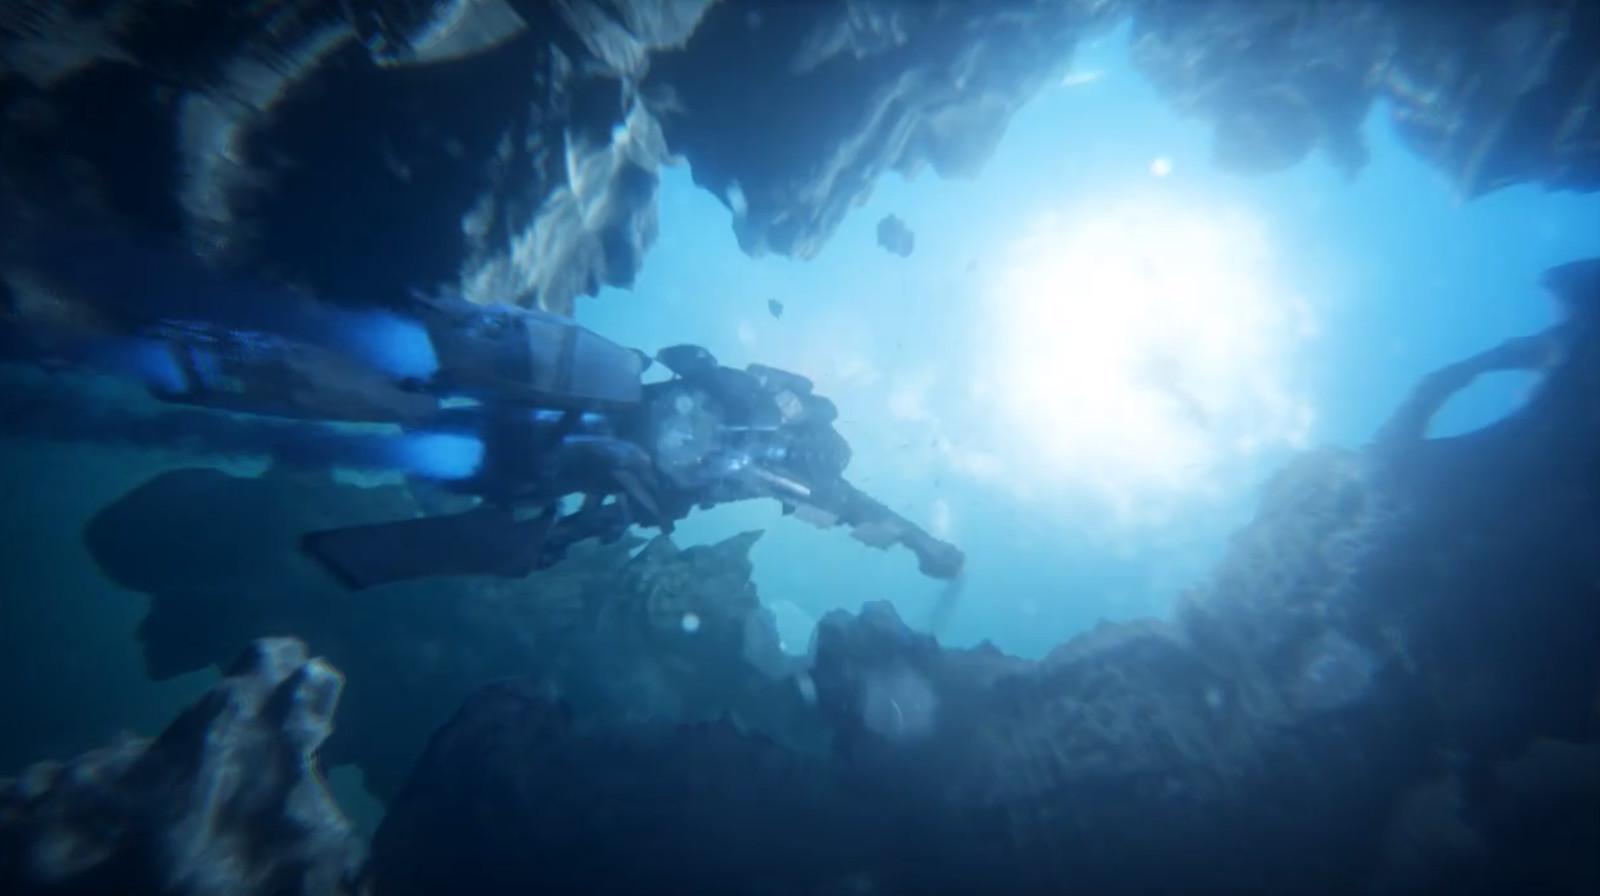 Raiders of the Deep